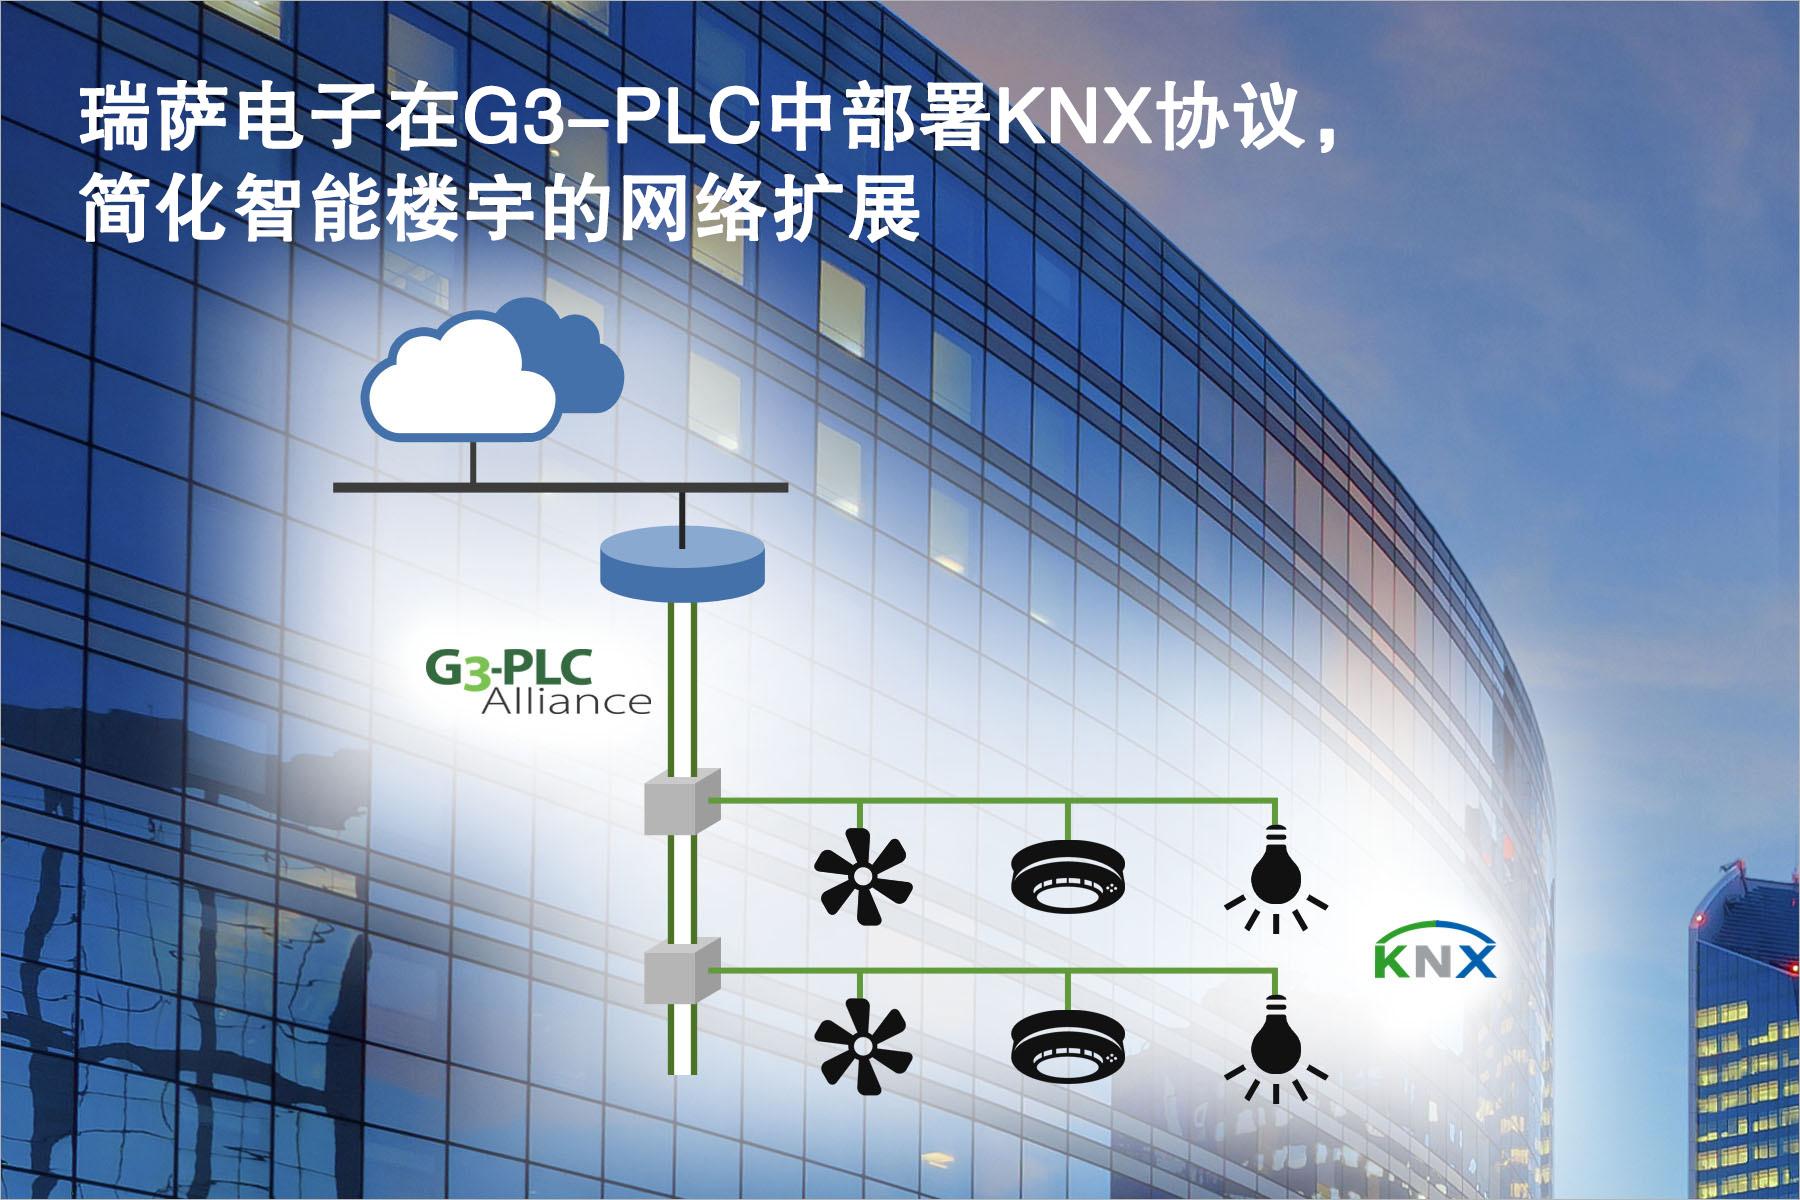 瑞萨电子在G3-PLC 中部署KNX协议,简化网络扩展